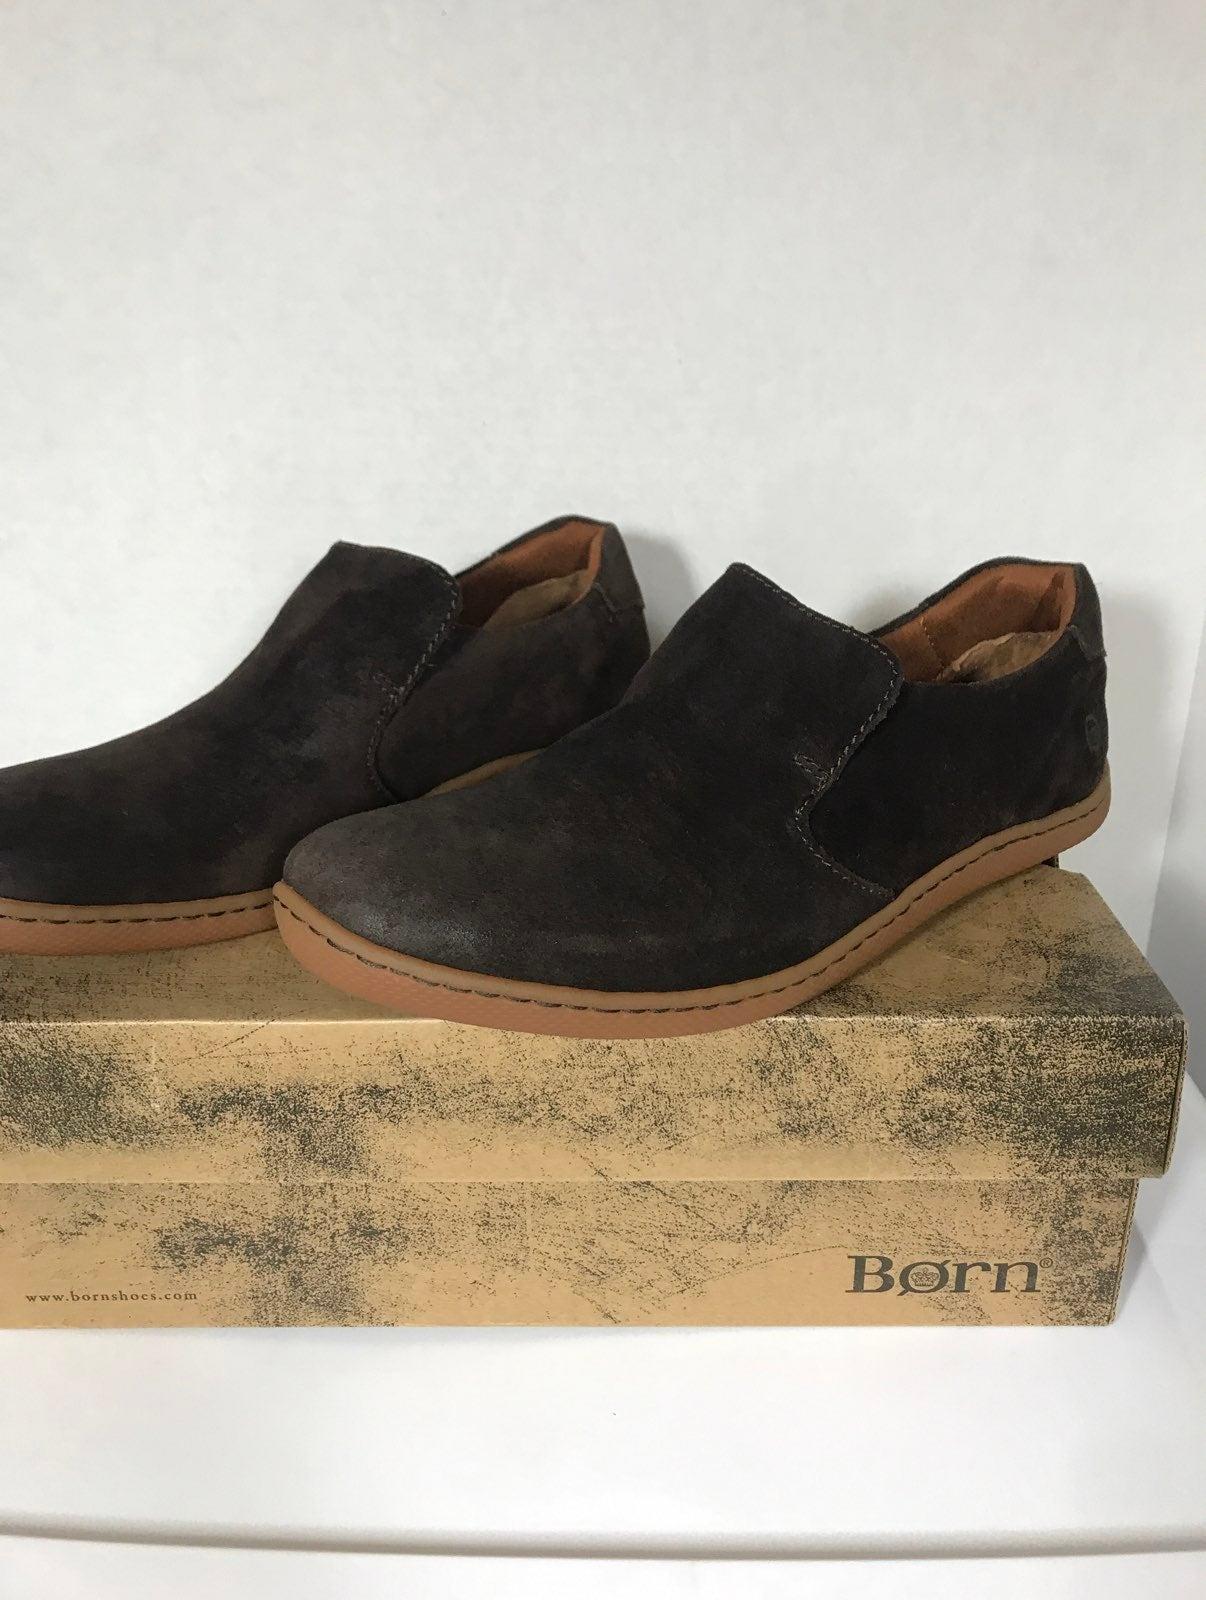 MENS Born shoes